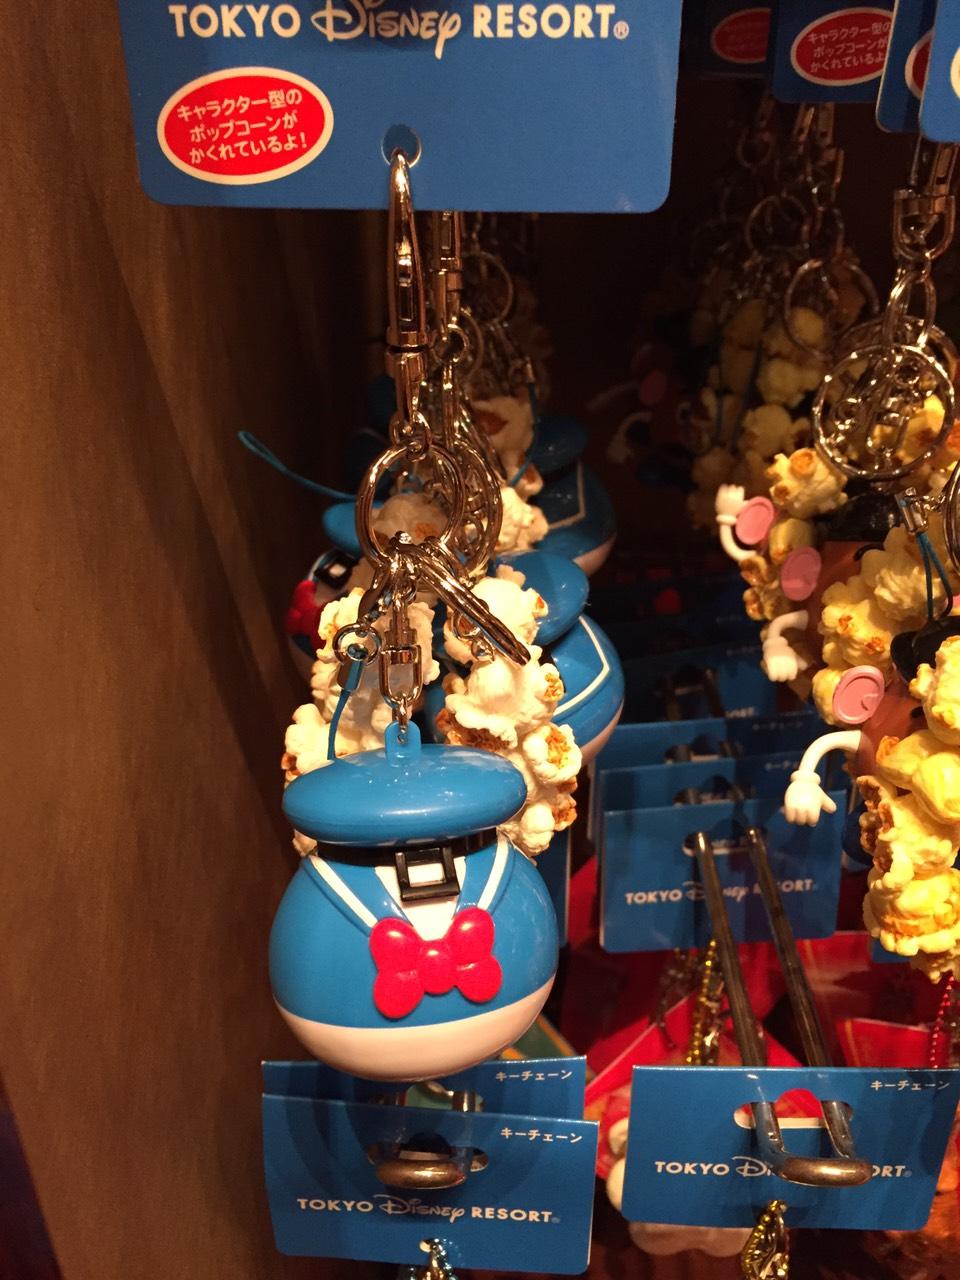 【真愛日本】16030300013 樂園限定鎖圈-爆米花筒唐老鴨 迪士尼帶回 鑰匙圈 鎖圈 吊飾